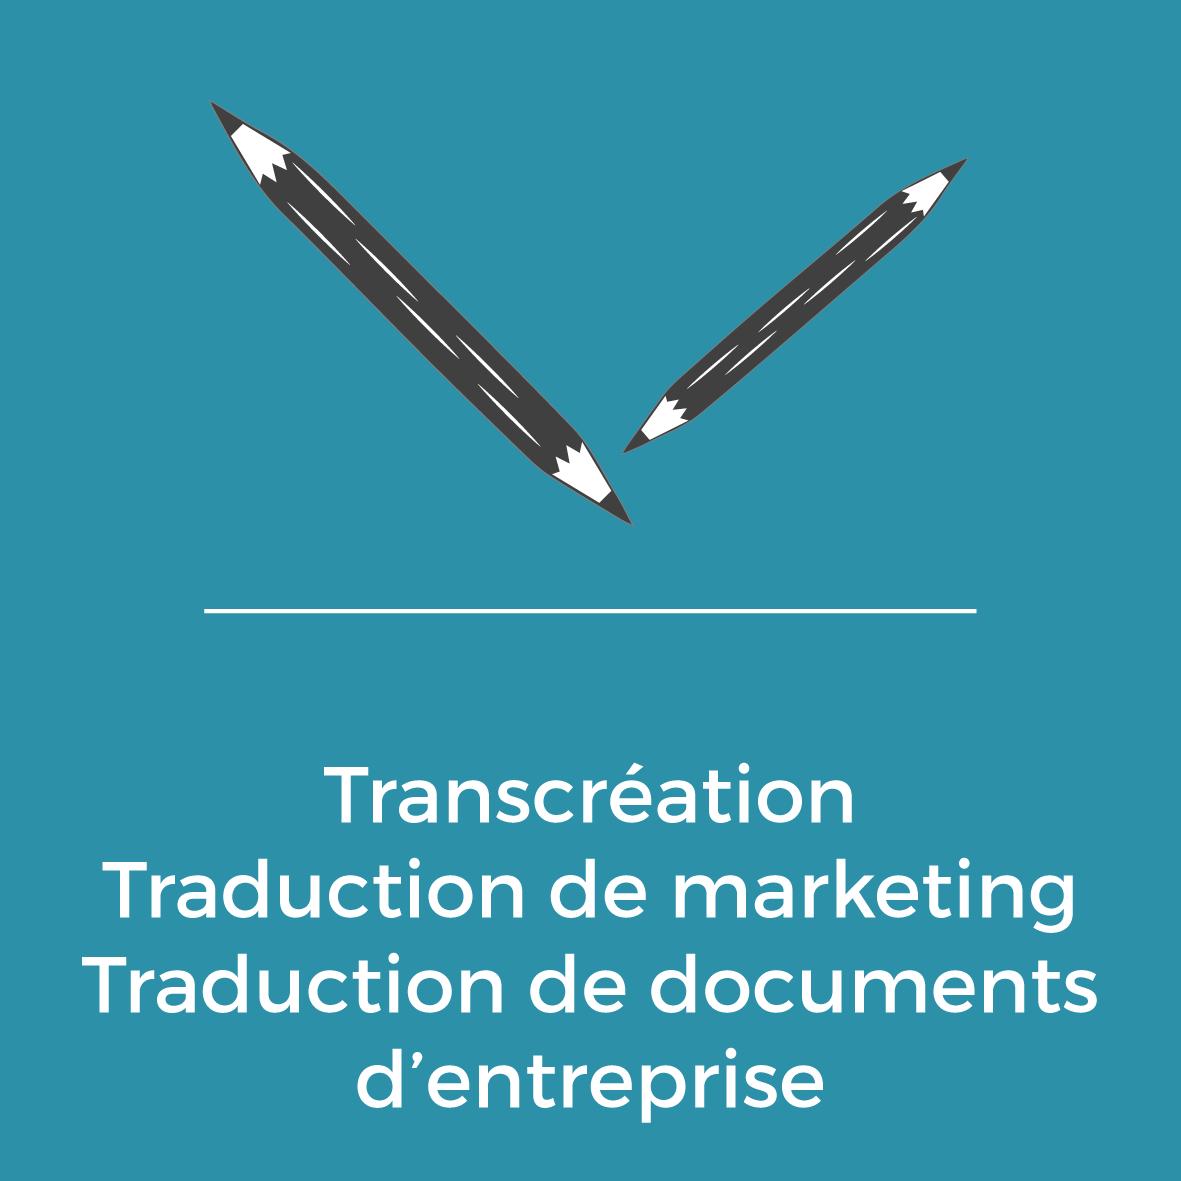 Services - Transcréation - Traduction de marketing - Traduction de documents d'enterprise